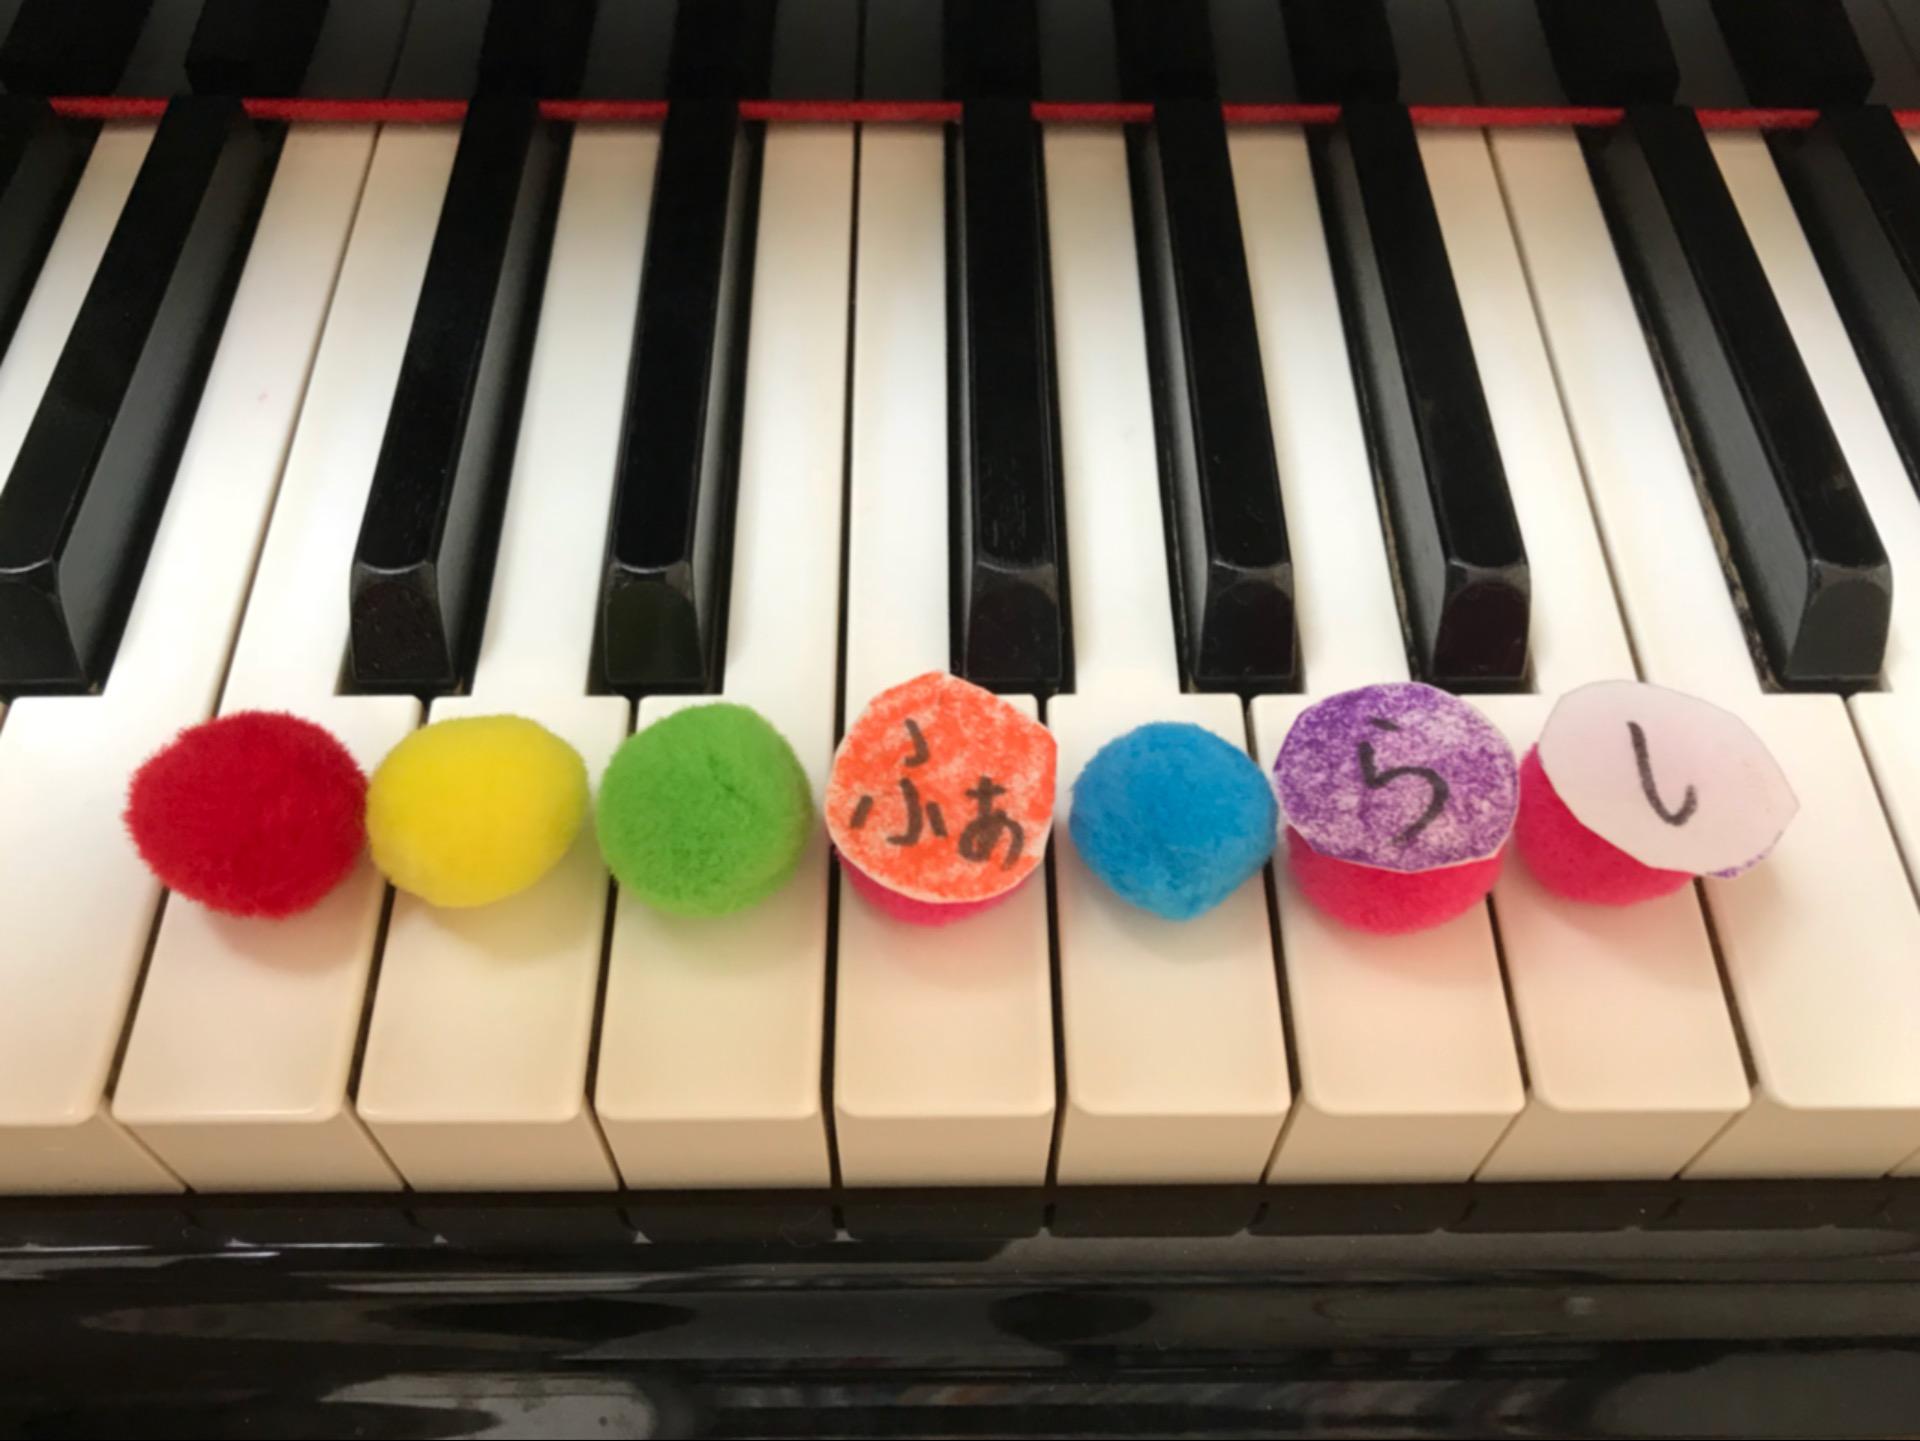 鍵盤と音の関係を色で分かりやすく学びます。